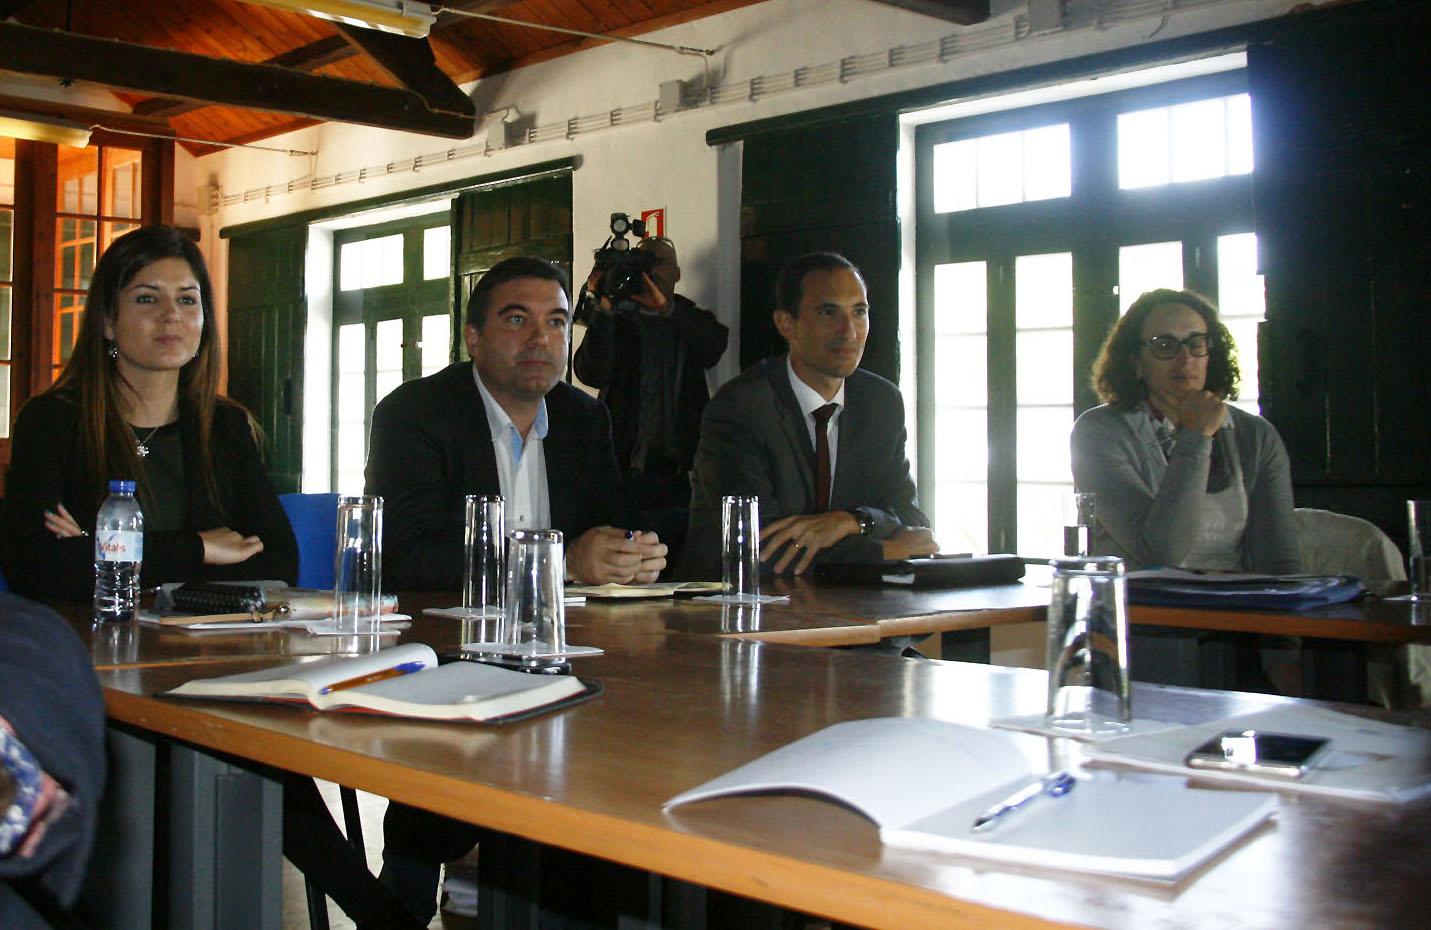 Plano Regional para as Alterações Climáticas aprovado até ao final deste ano, afirma Diretor Regional do Ambiente